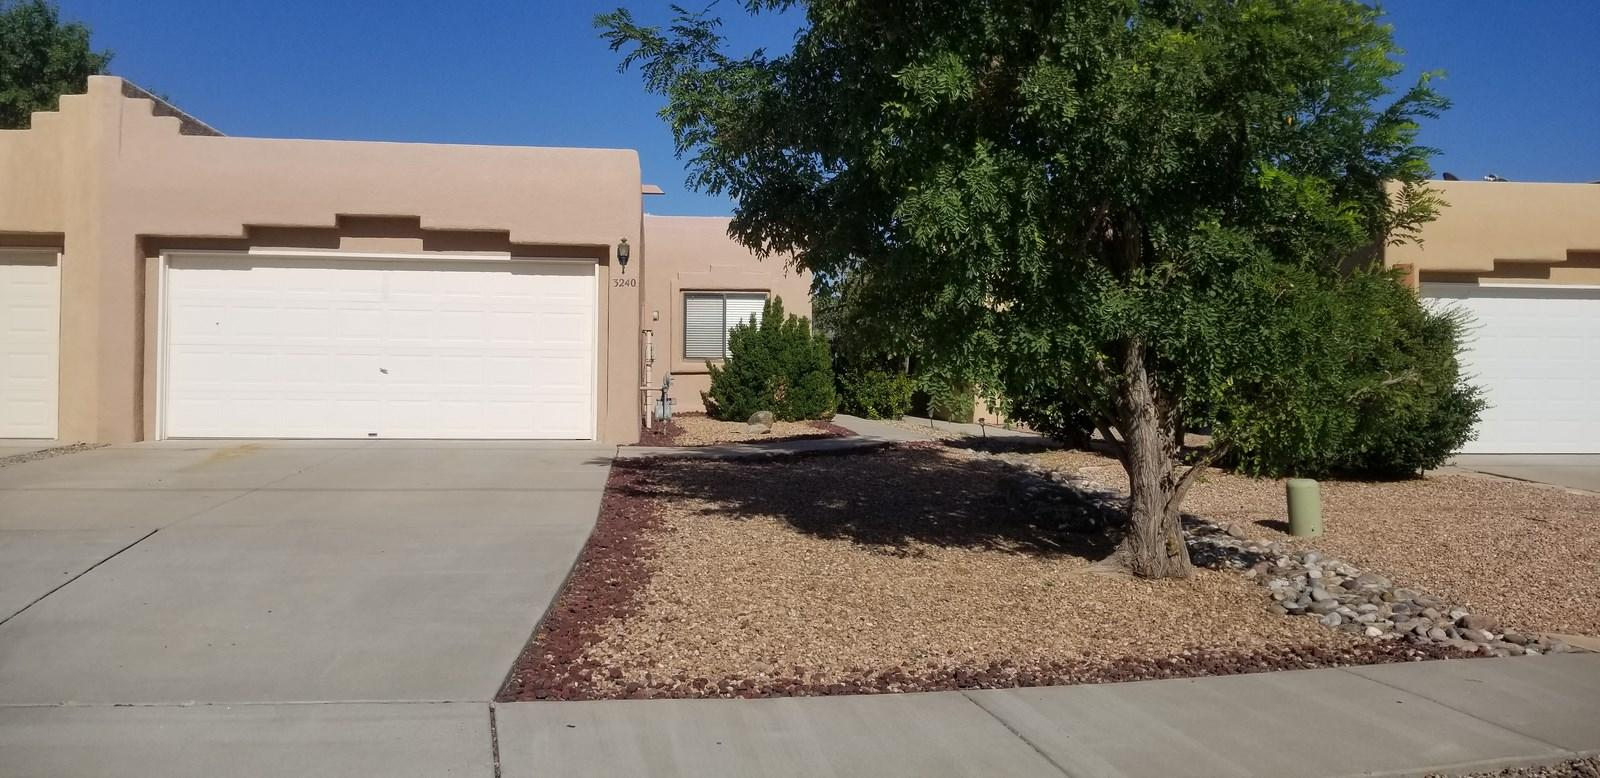 3240 NW Schumacher Street, Northwest Albuquerque and Northwest Heights, New Mexico